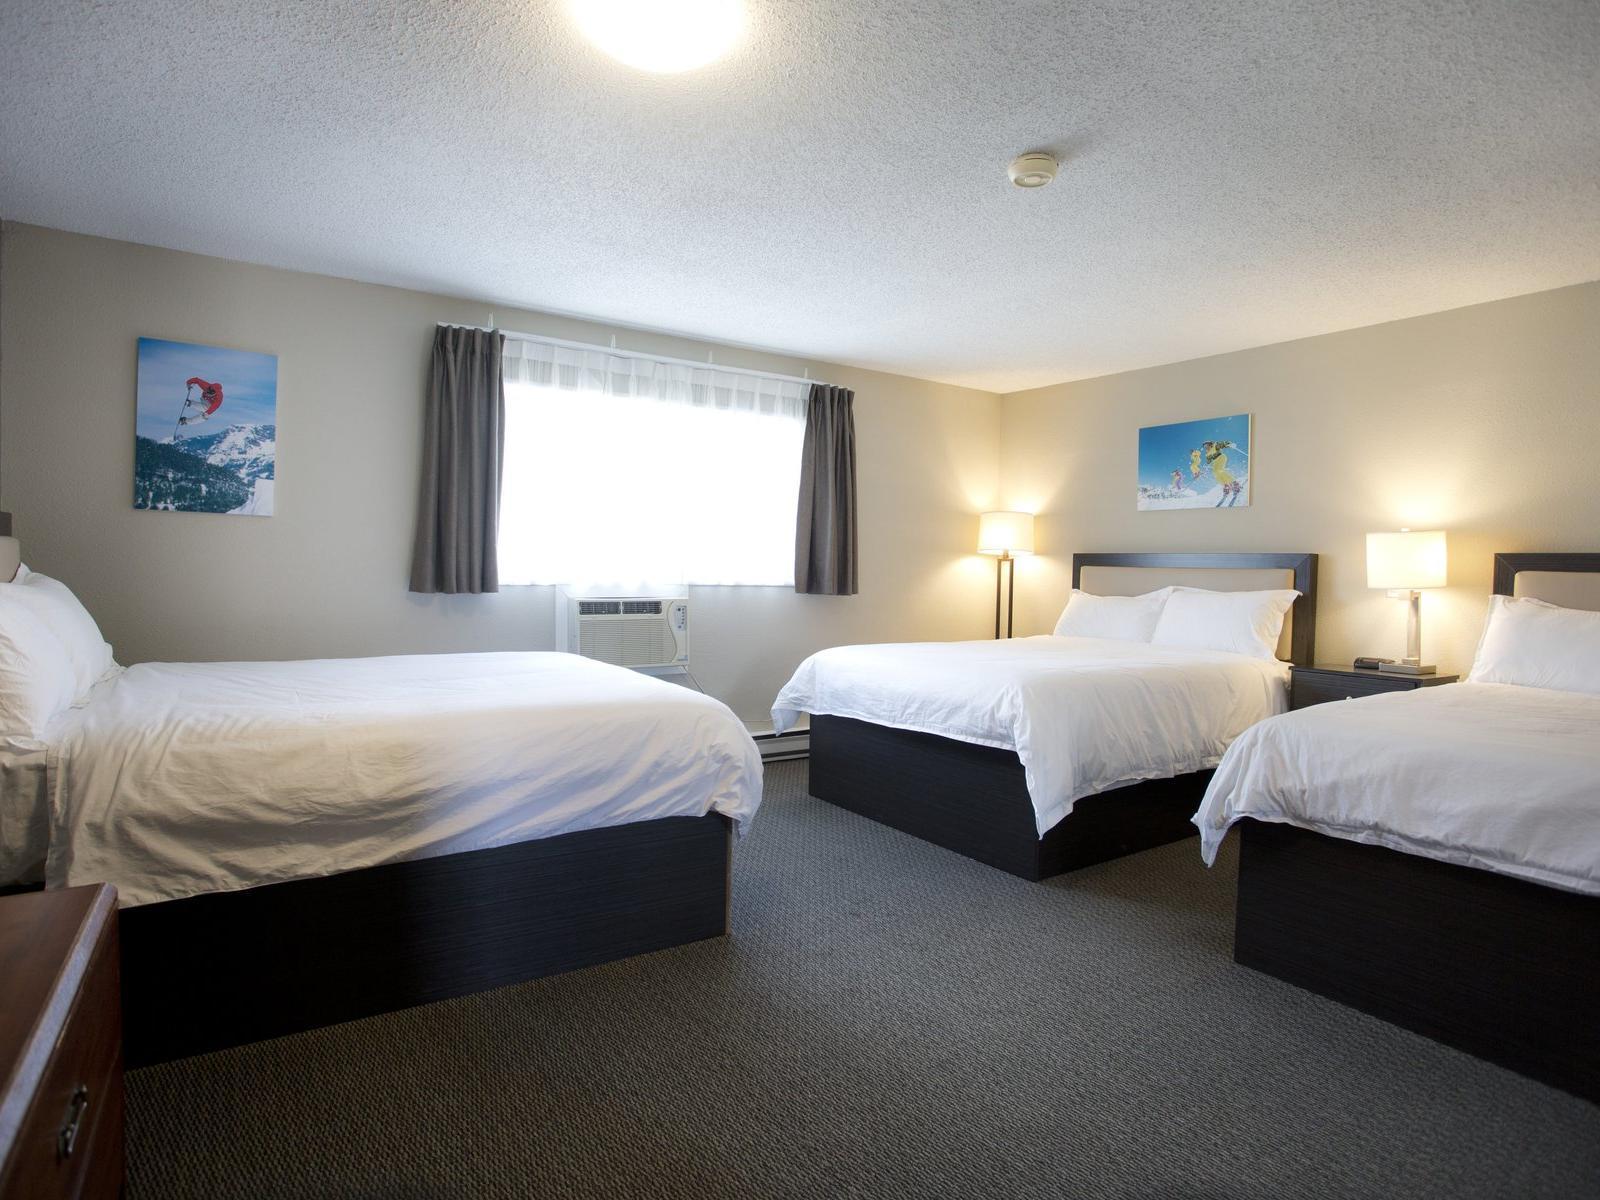 Deluxe 3 Queen Bed Suites